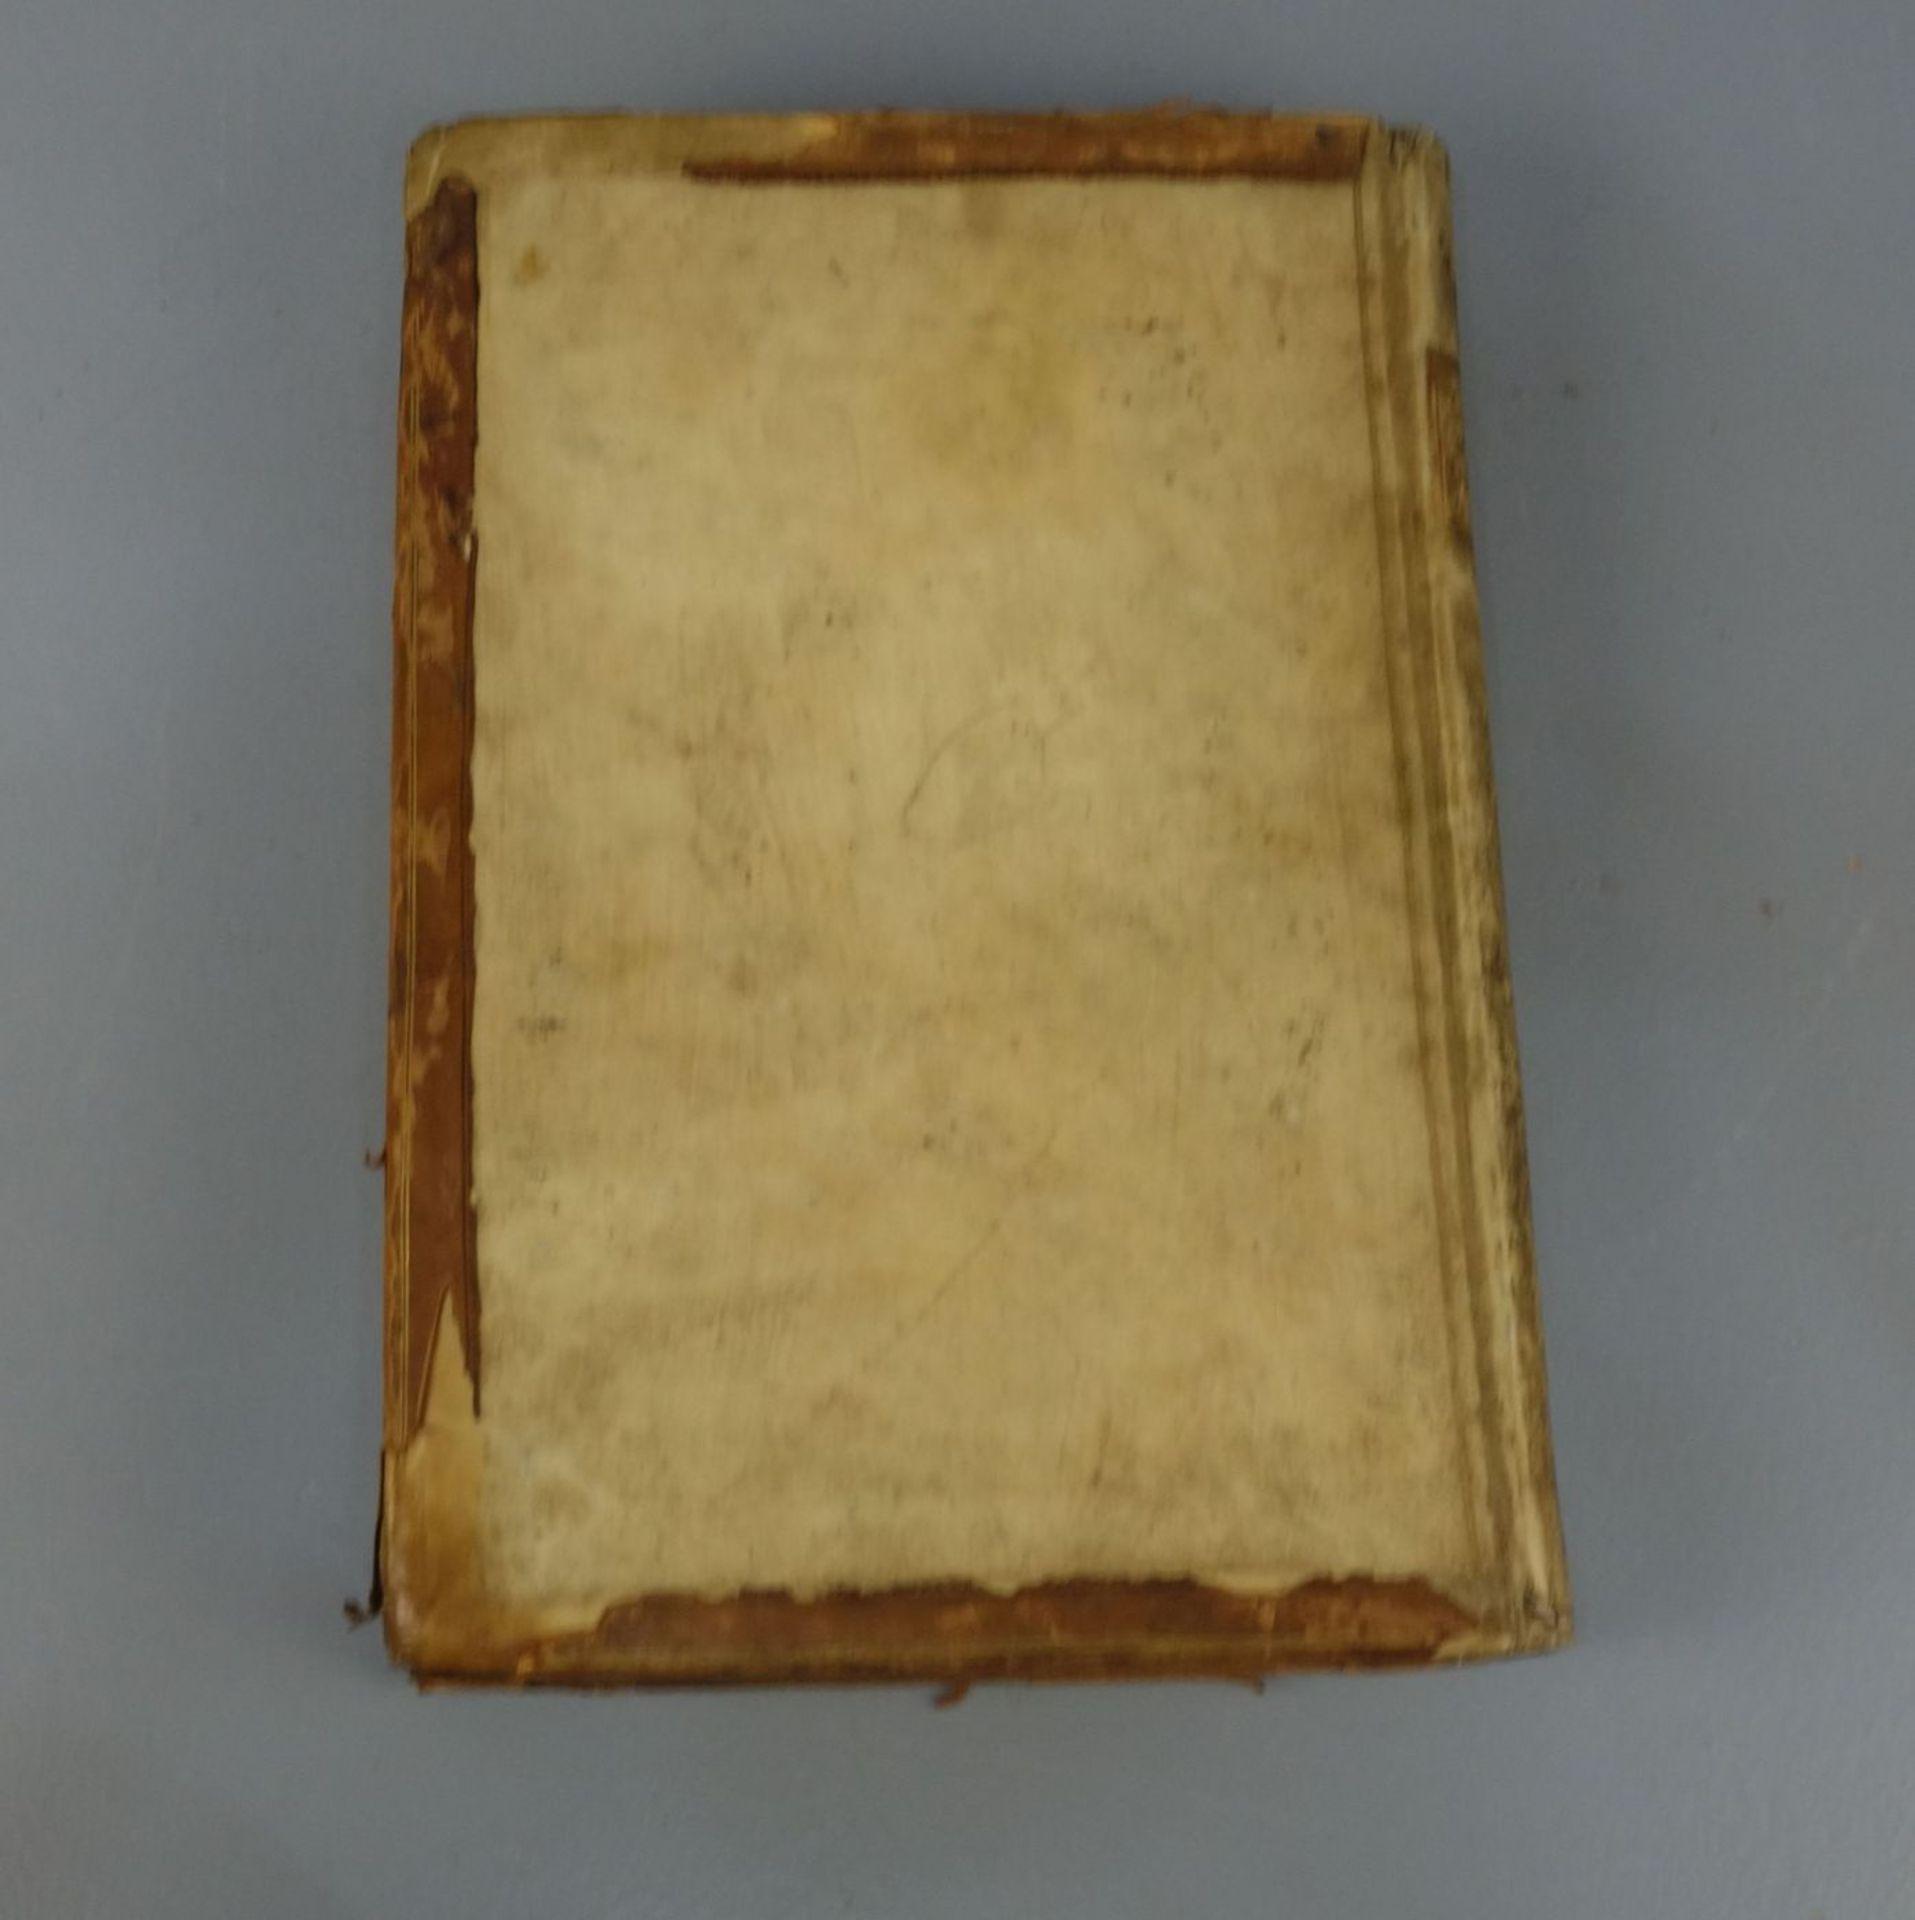 BUCH VON 1707 - Image 4 of 5